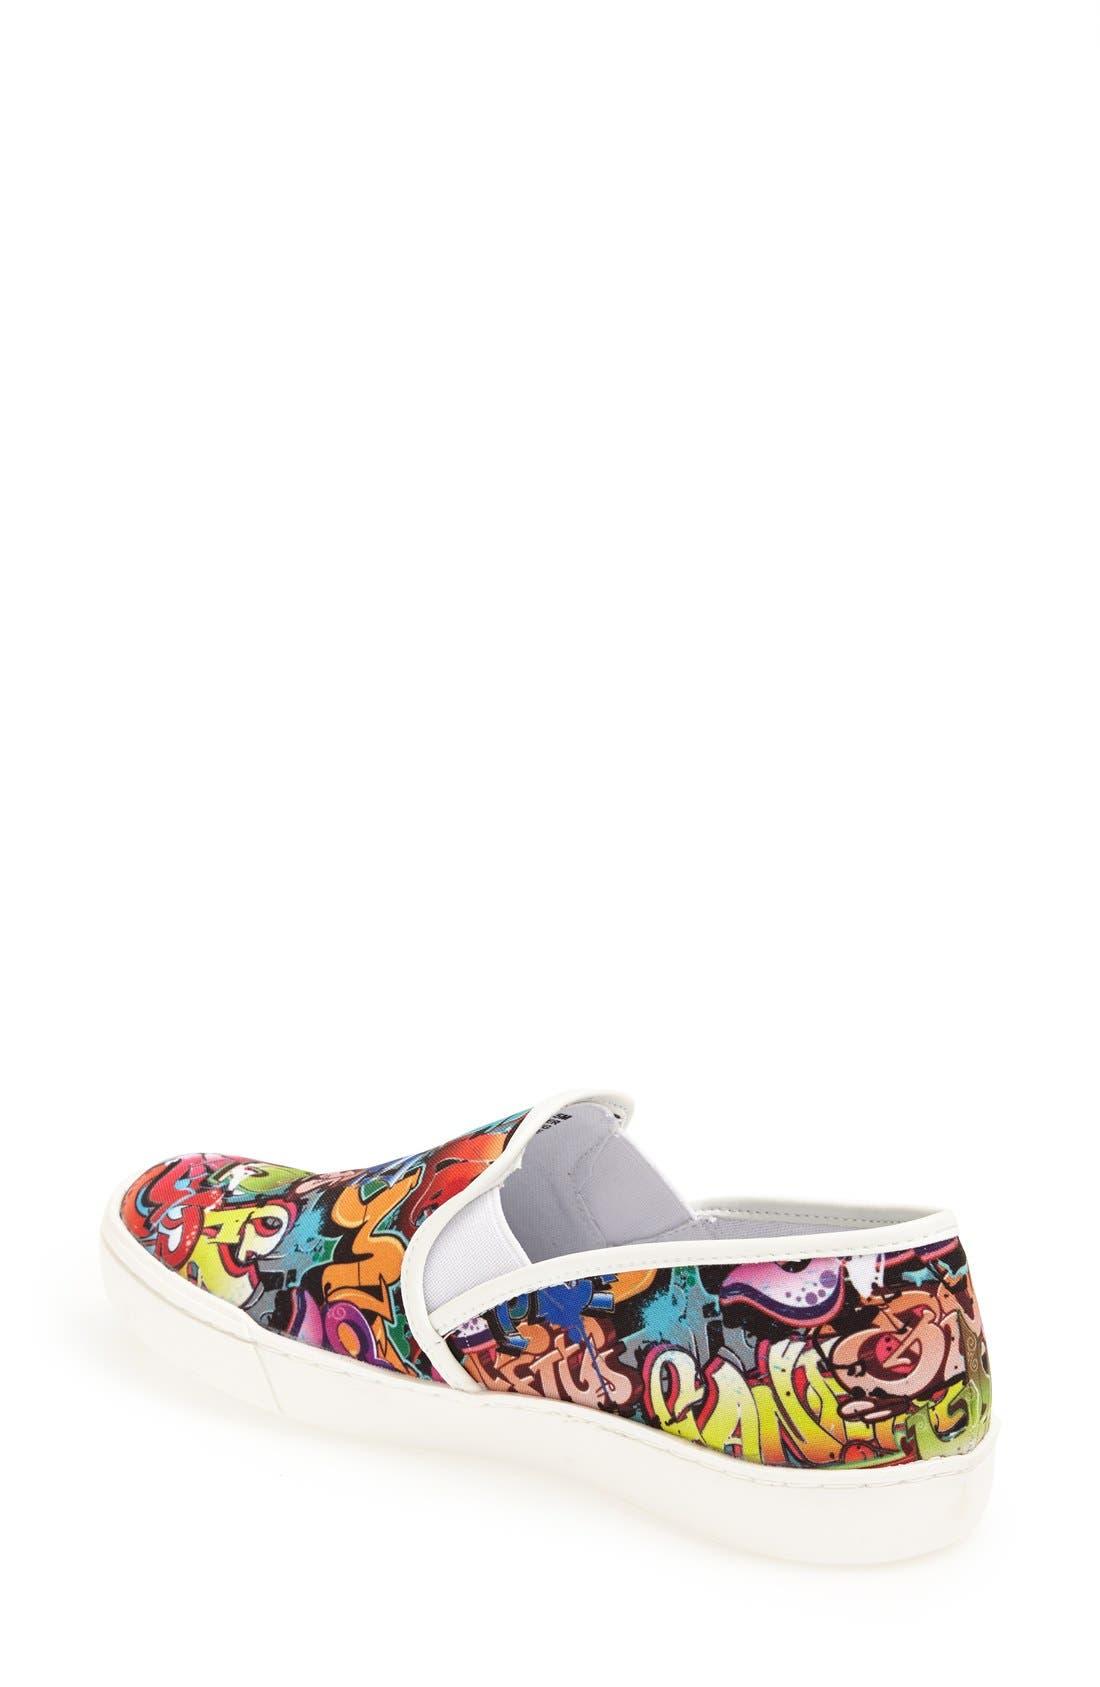 Alternate Image 2  - Steve Madden 'Ecentrcm' Graffiti Print Slip-On Sneaker (Women)